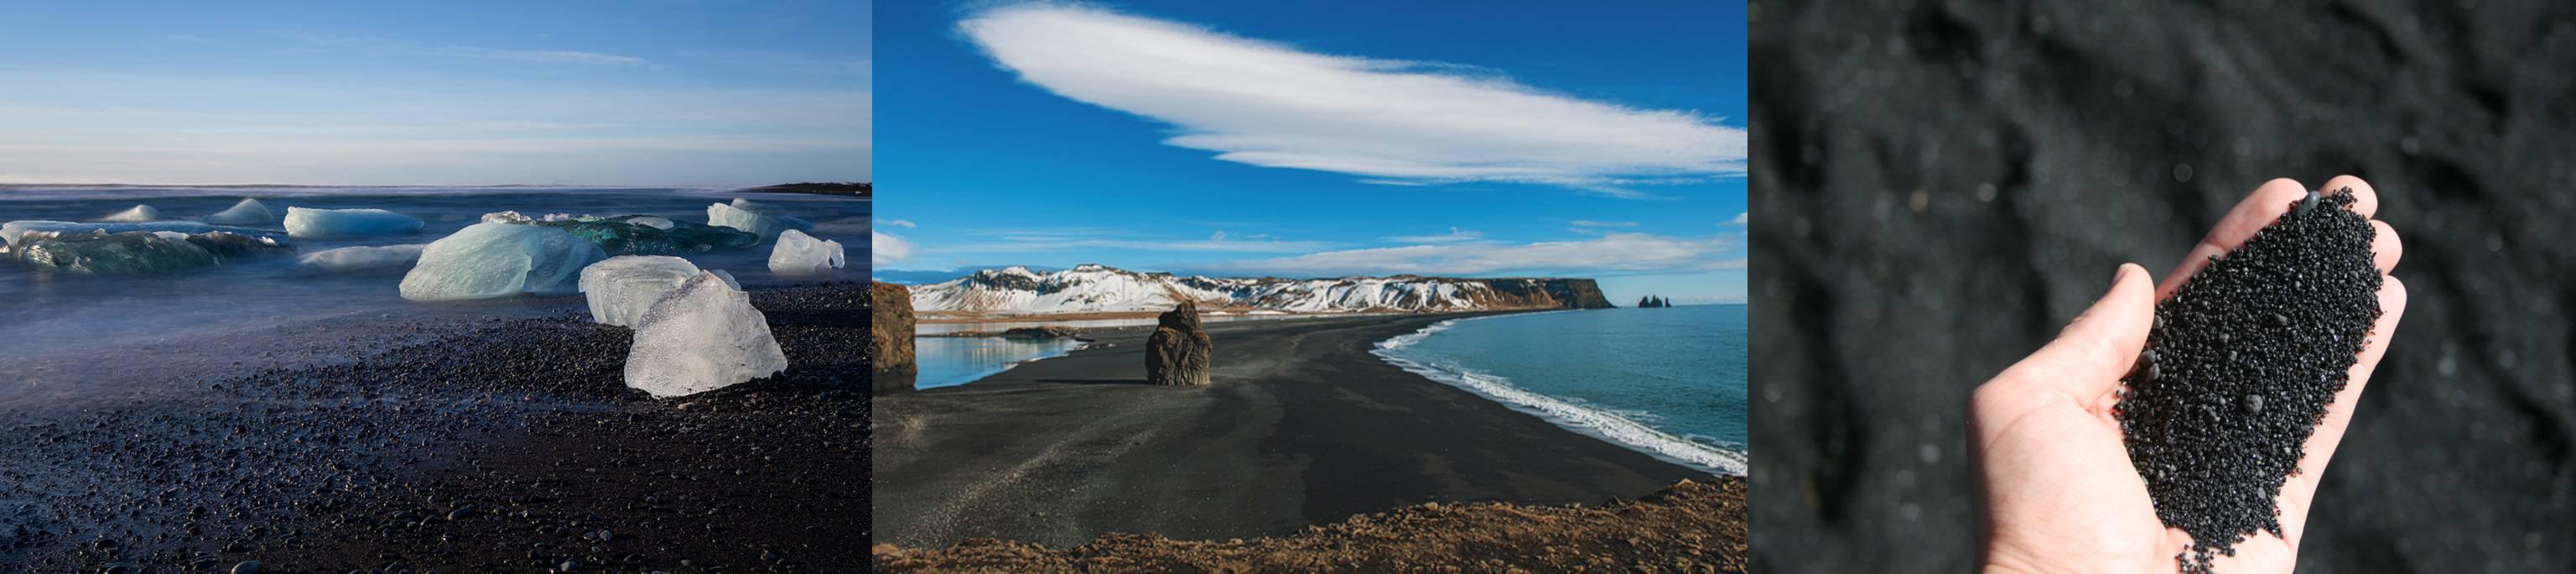 魅力欧洲【北欧冰岛10日】~魔幻极光浪漫巴黎,冰与火